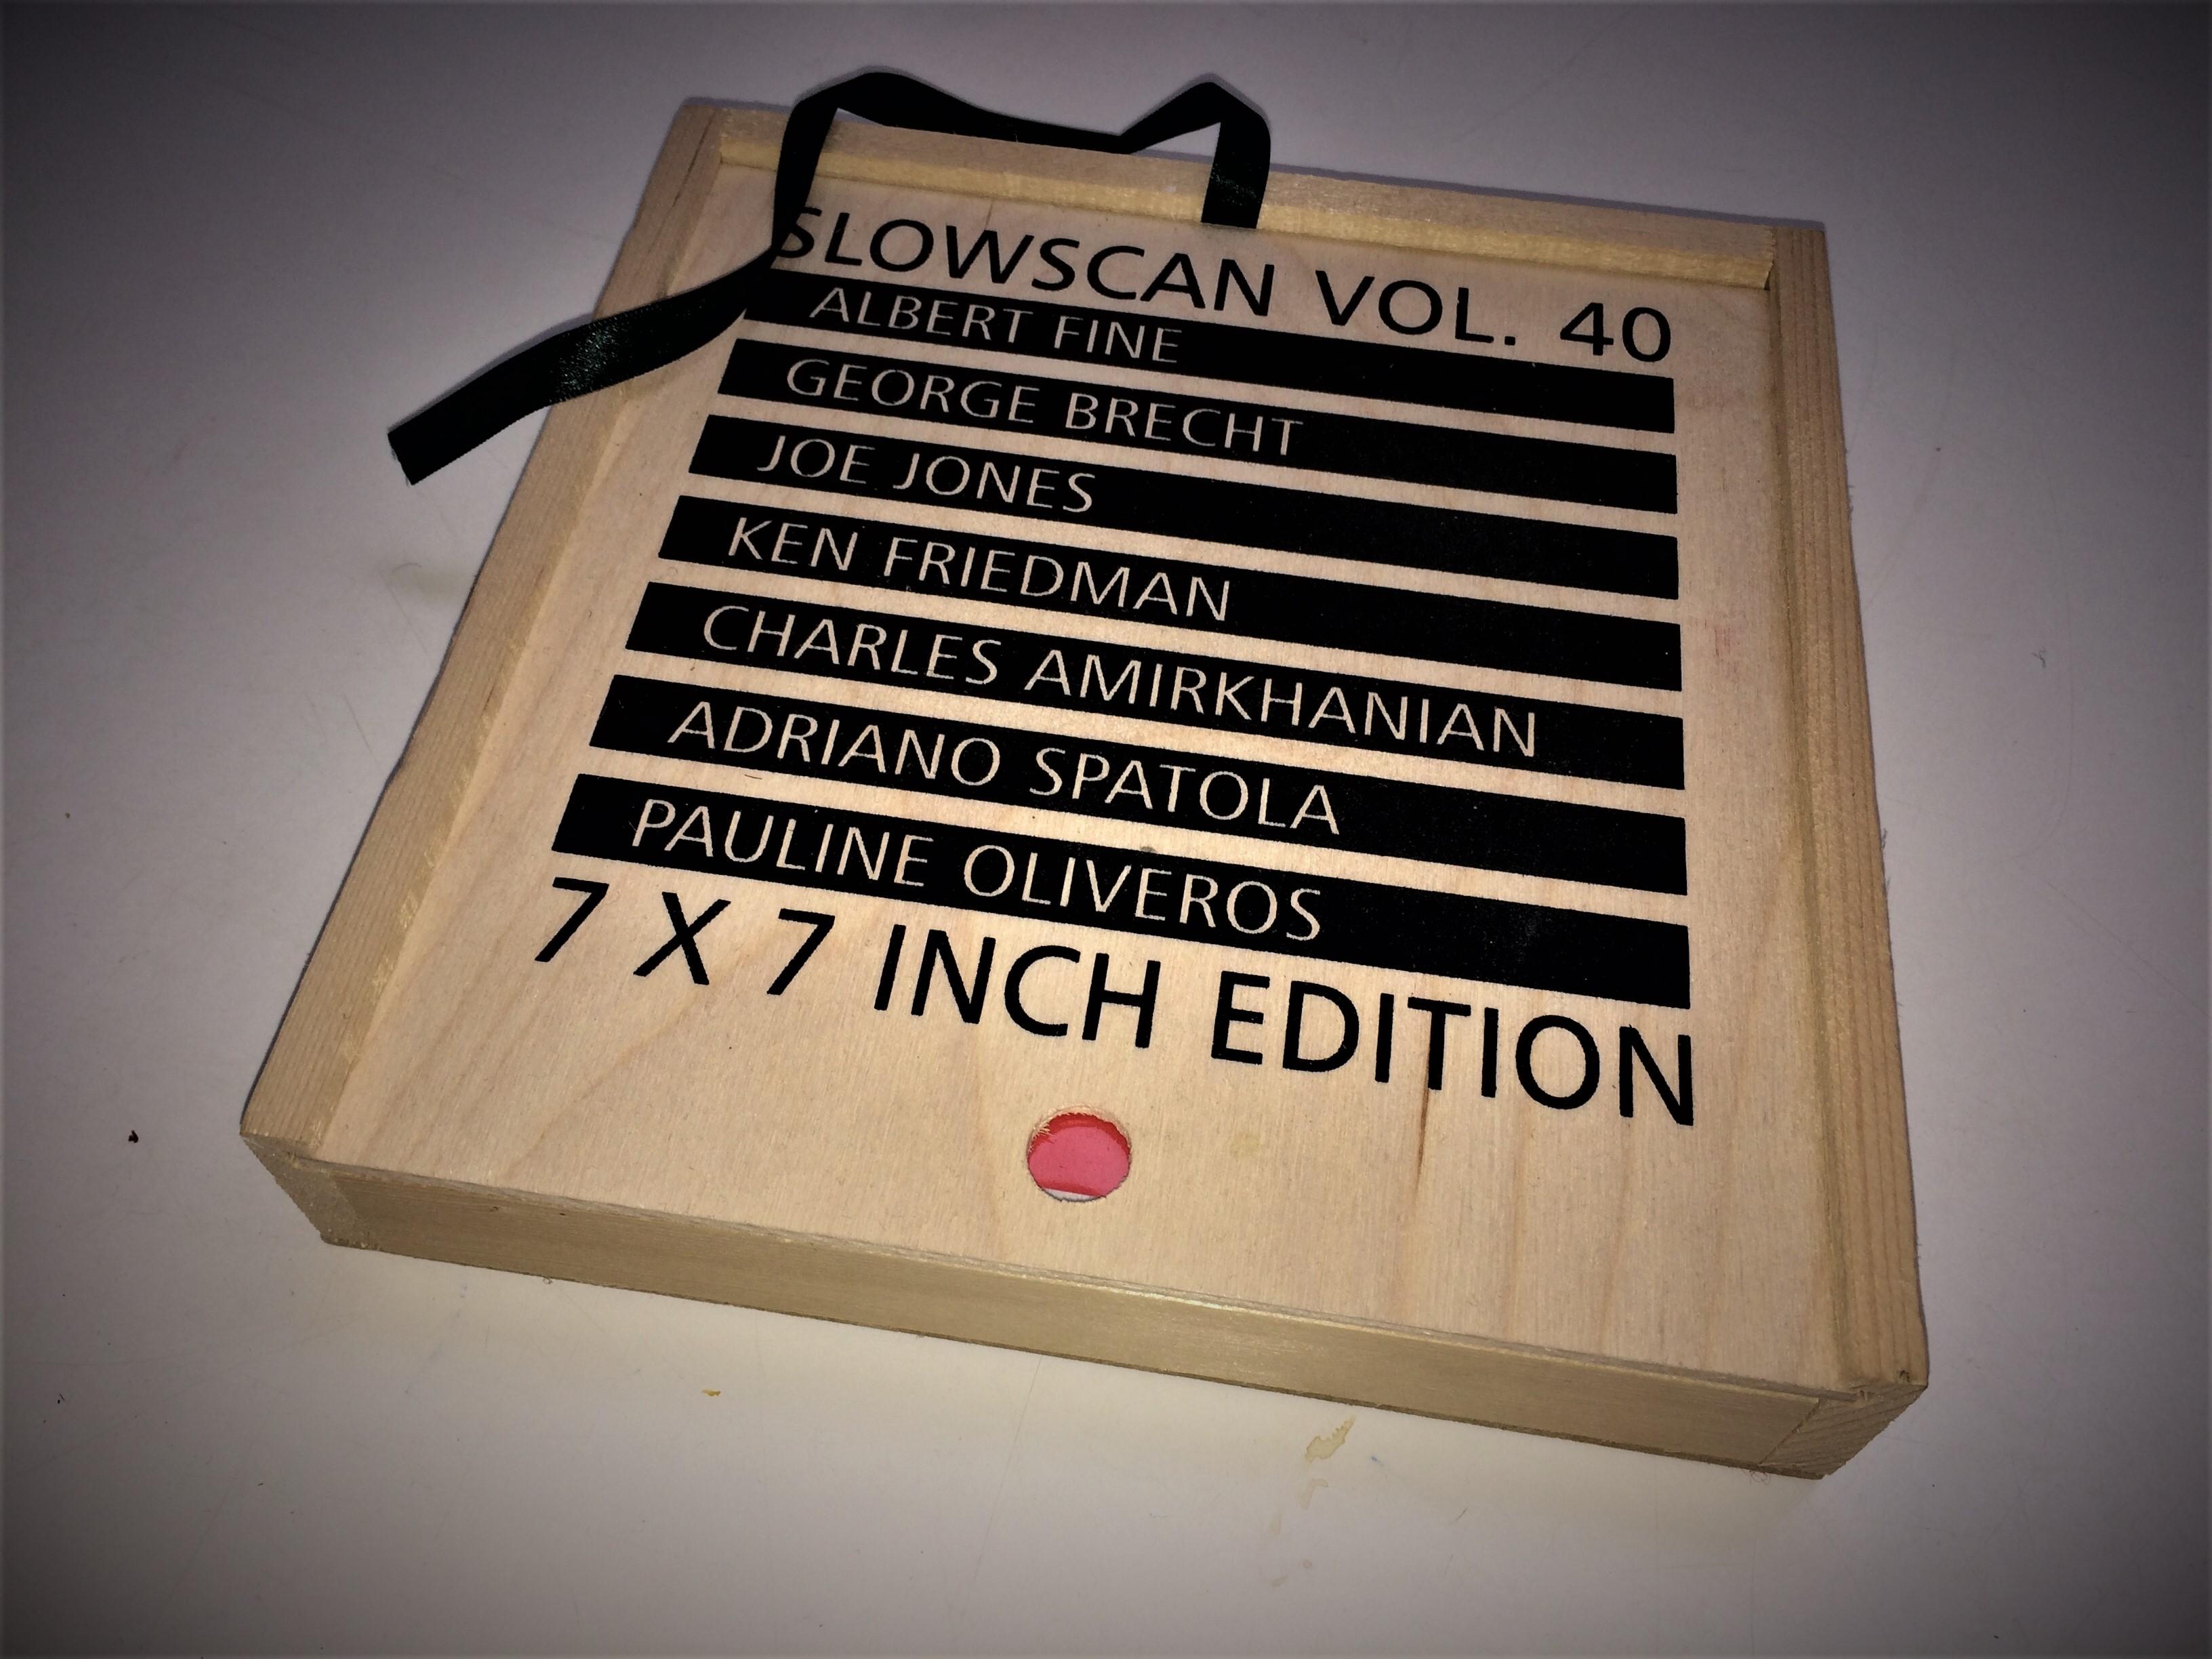 Slowscan-vol-40-7-x-7-inch-edition